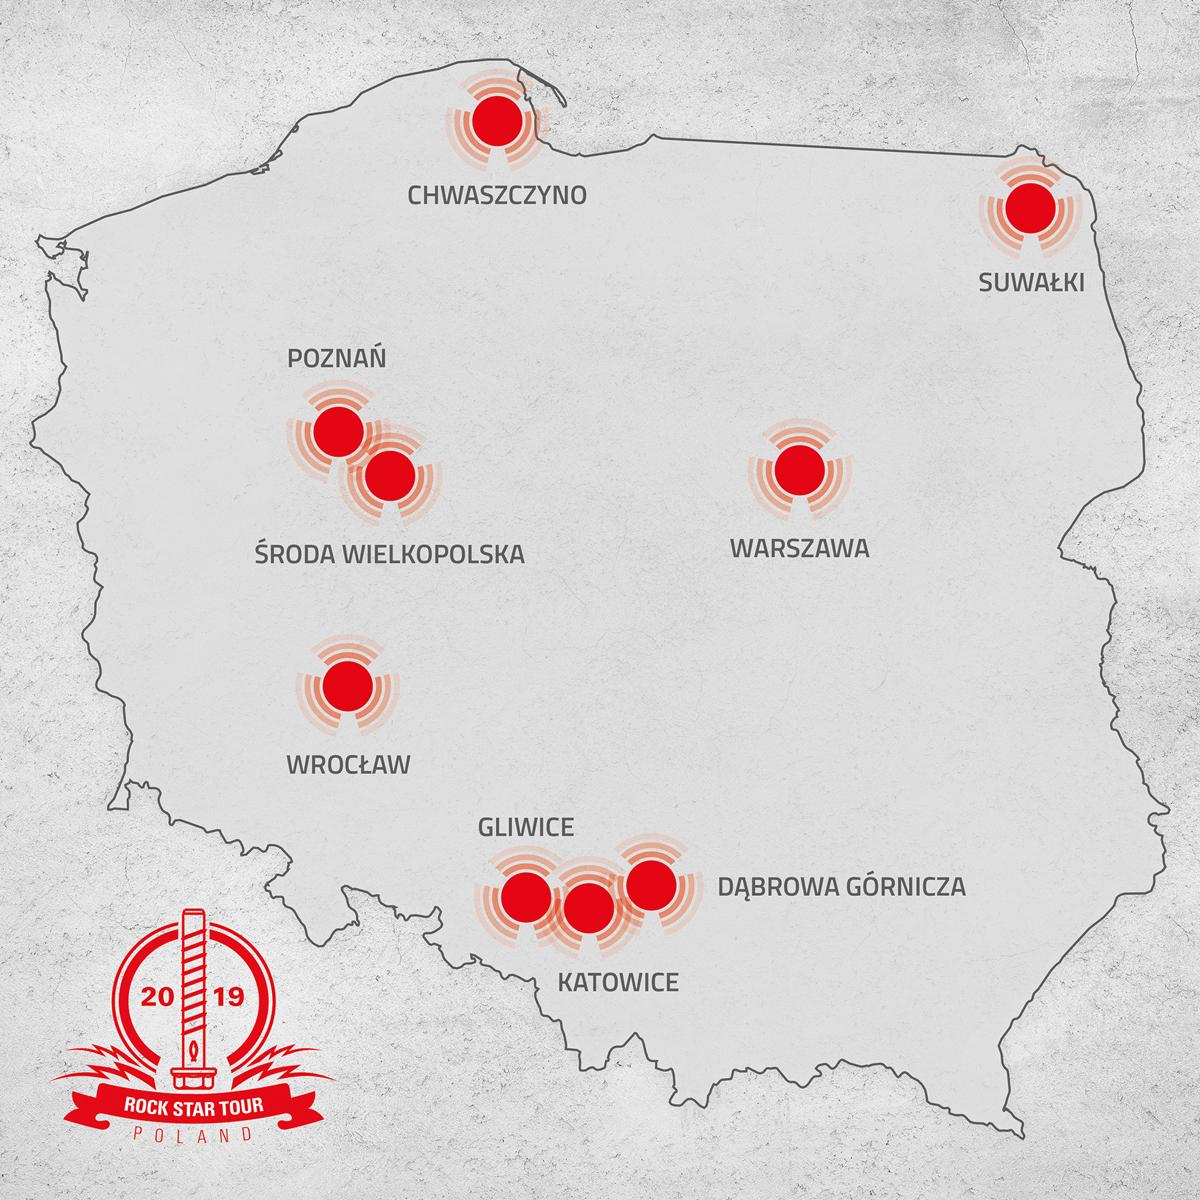 Rock Star Tour Poland